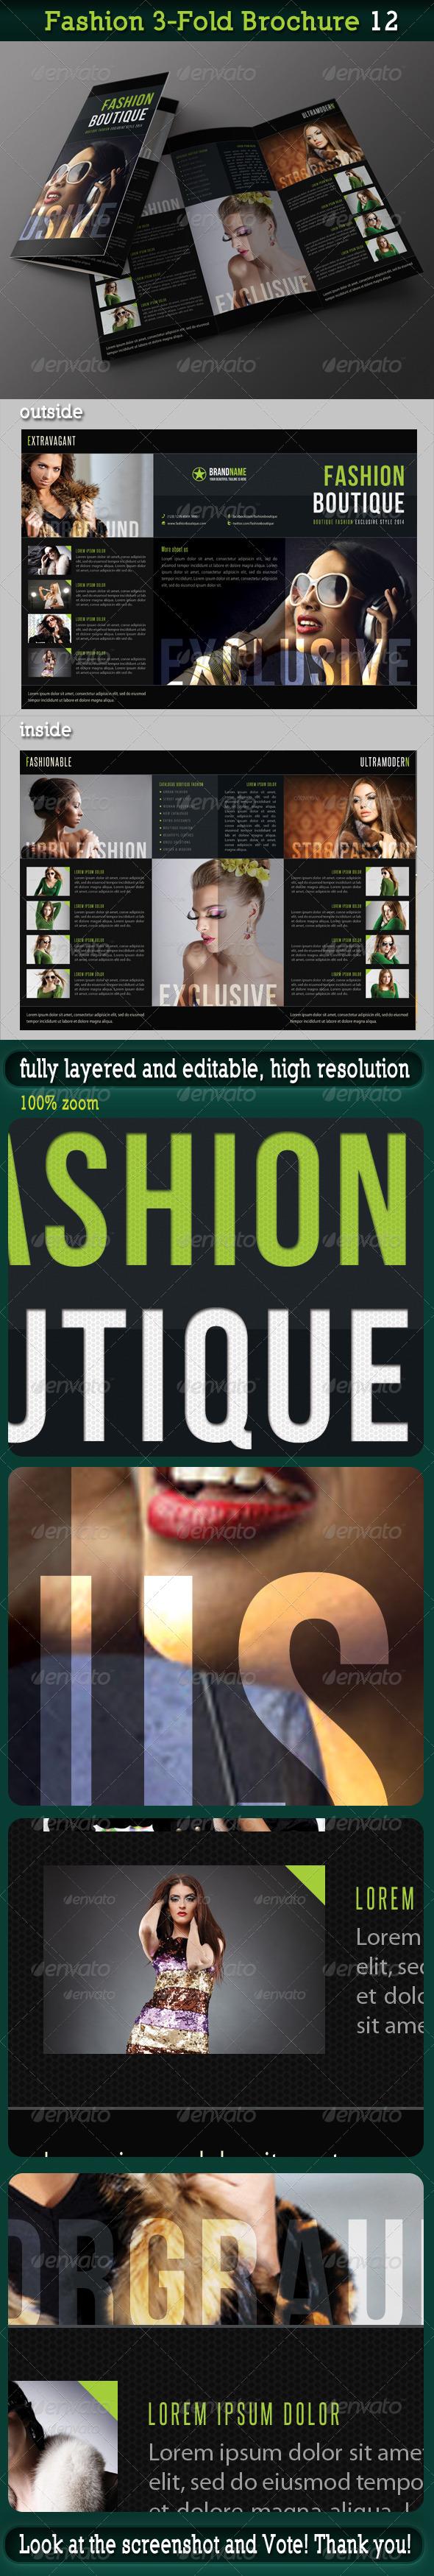 GraphicRiver Fashion 3-Fold Brochure 12 6682306